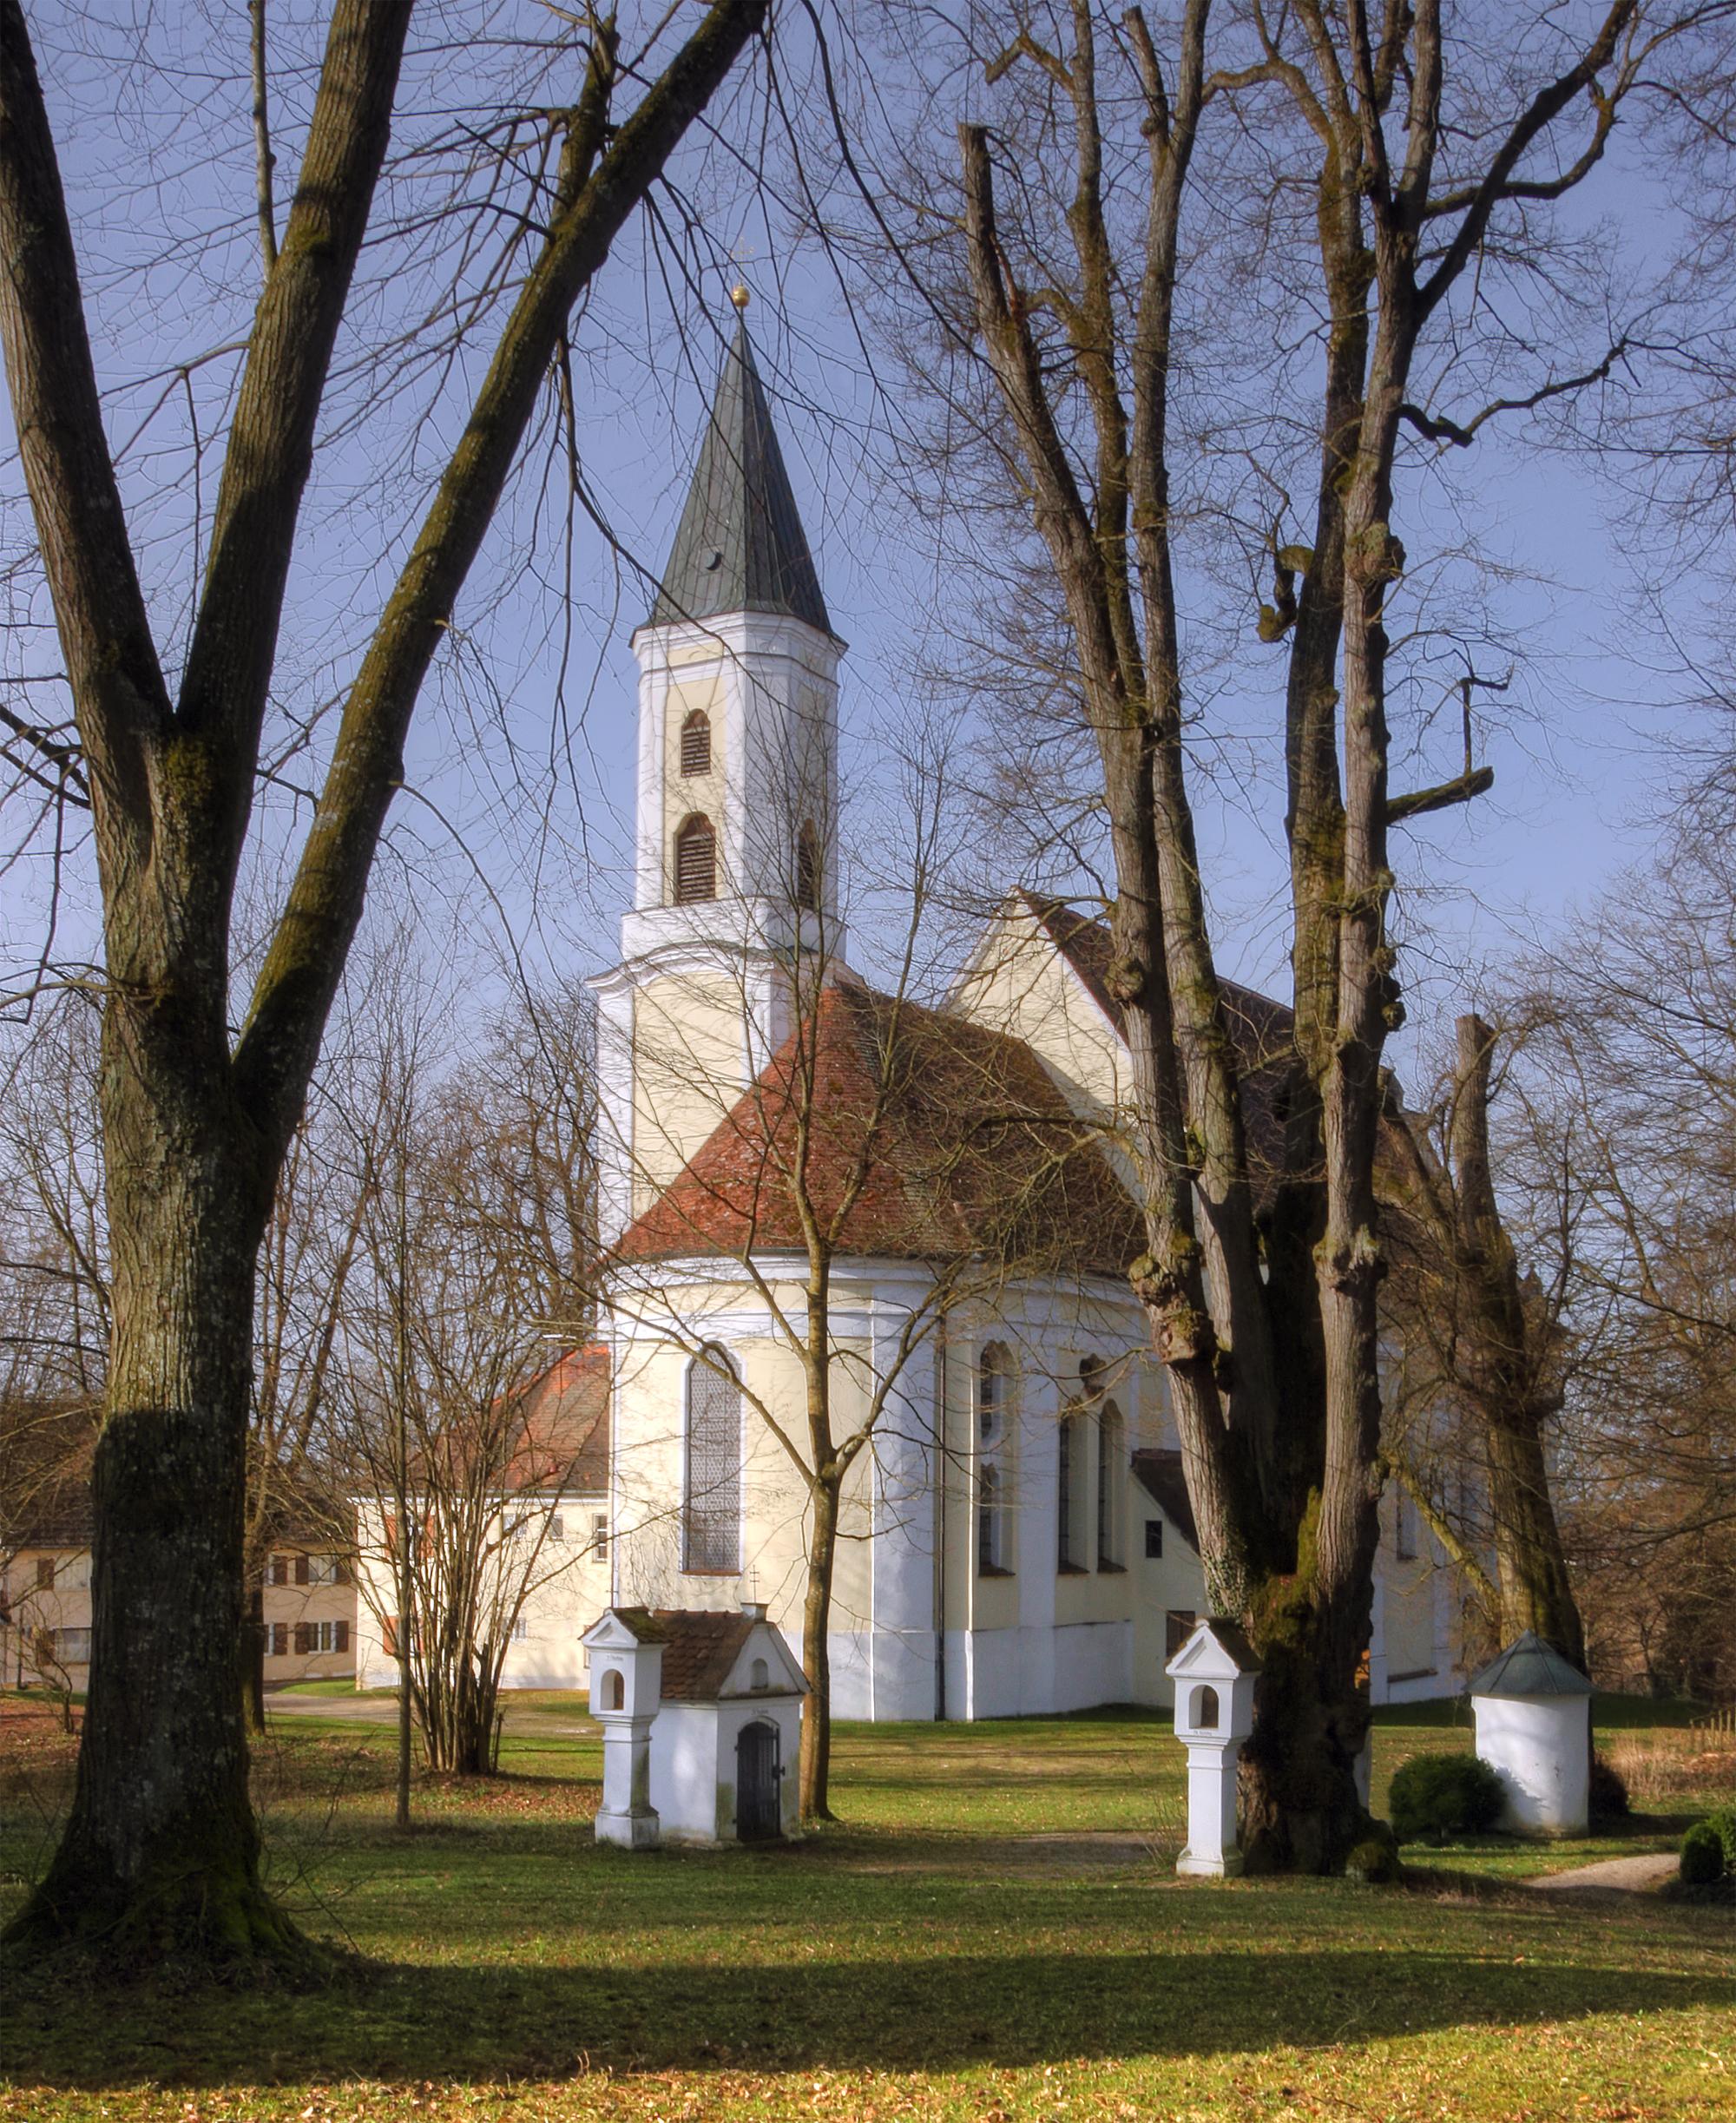 Wallfahrtskirche Allerheiligen (Jettingen-Scheppach)